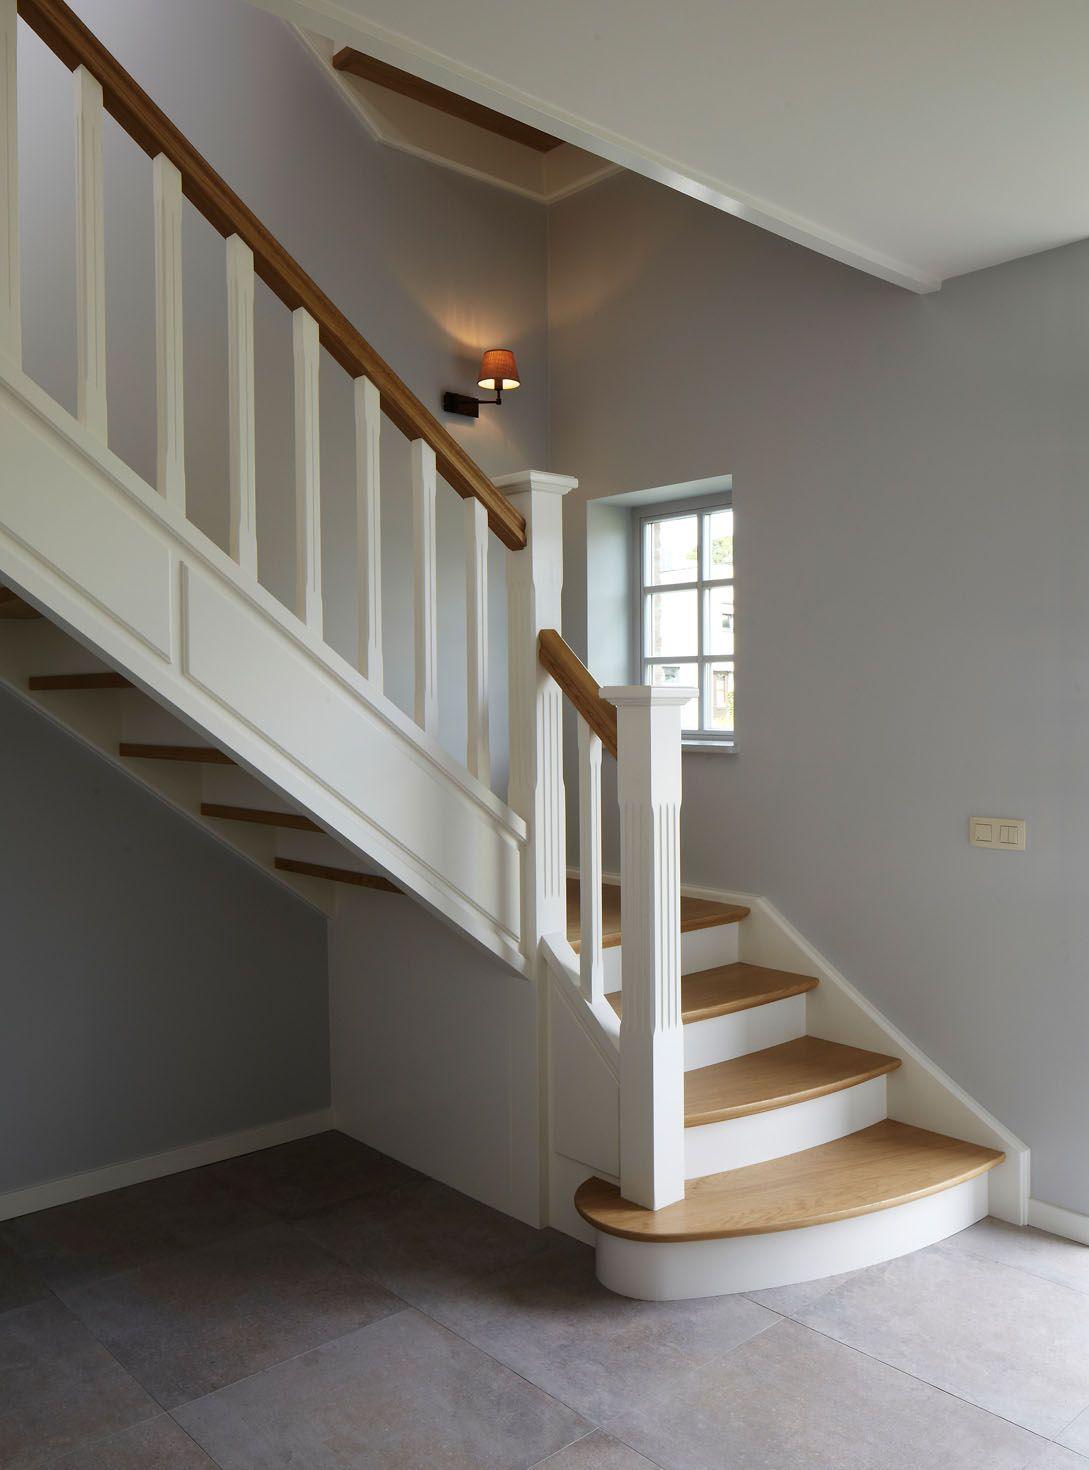 landelijke trap pinterest escaliers maison decoration escalier et maison. Black Bedroom Furniture Sets. Home Design Ideas